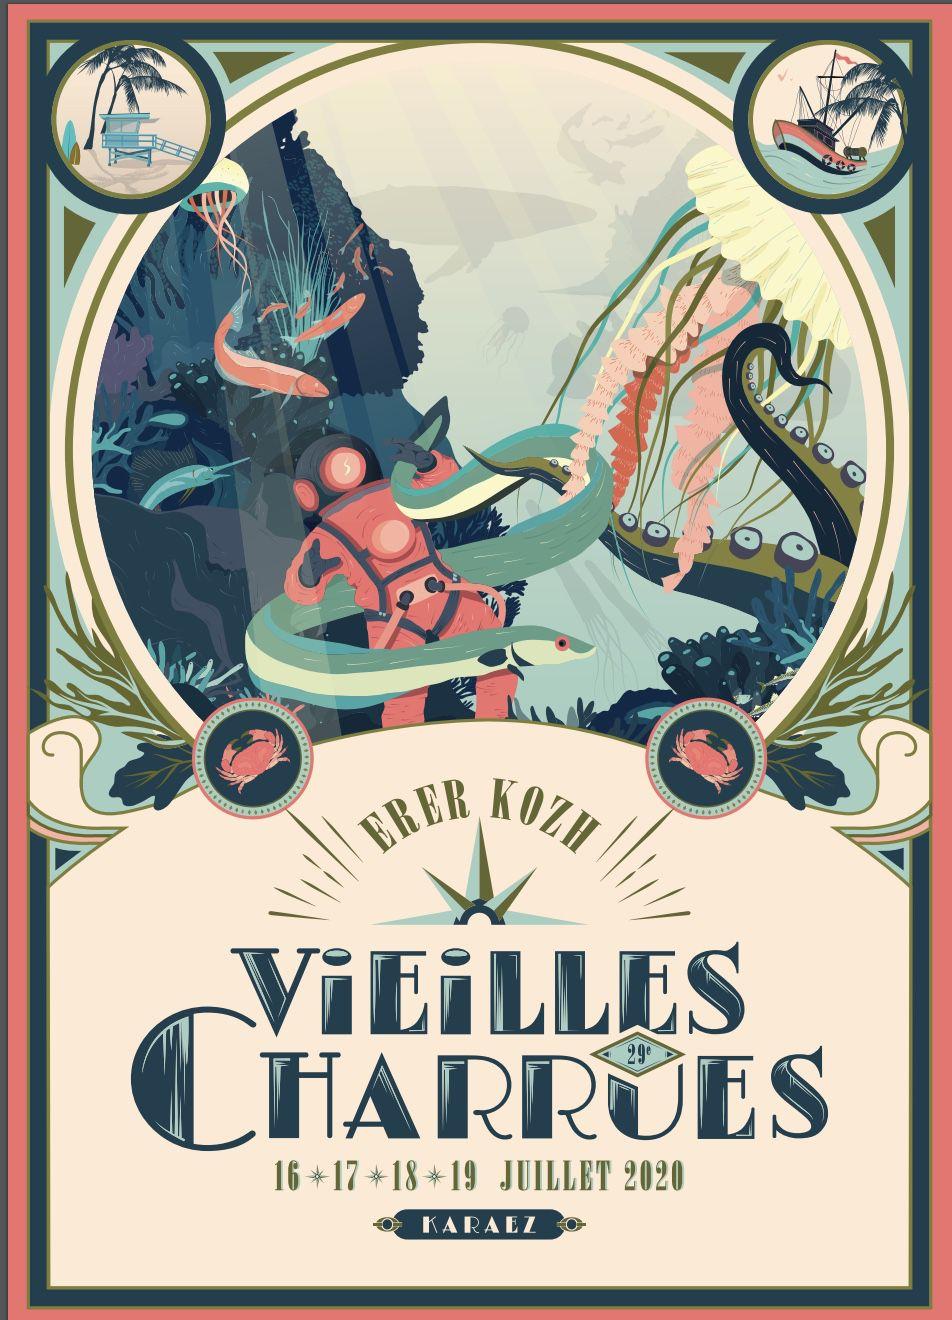 Le gros festival des Vieilles charrues est officiellement annulé cet été (report à juillet 2021).